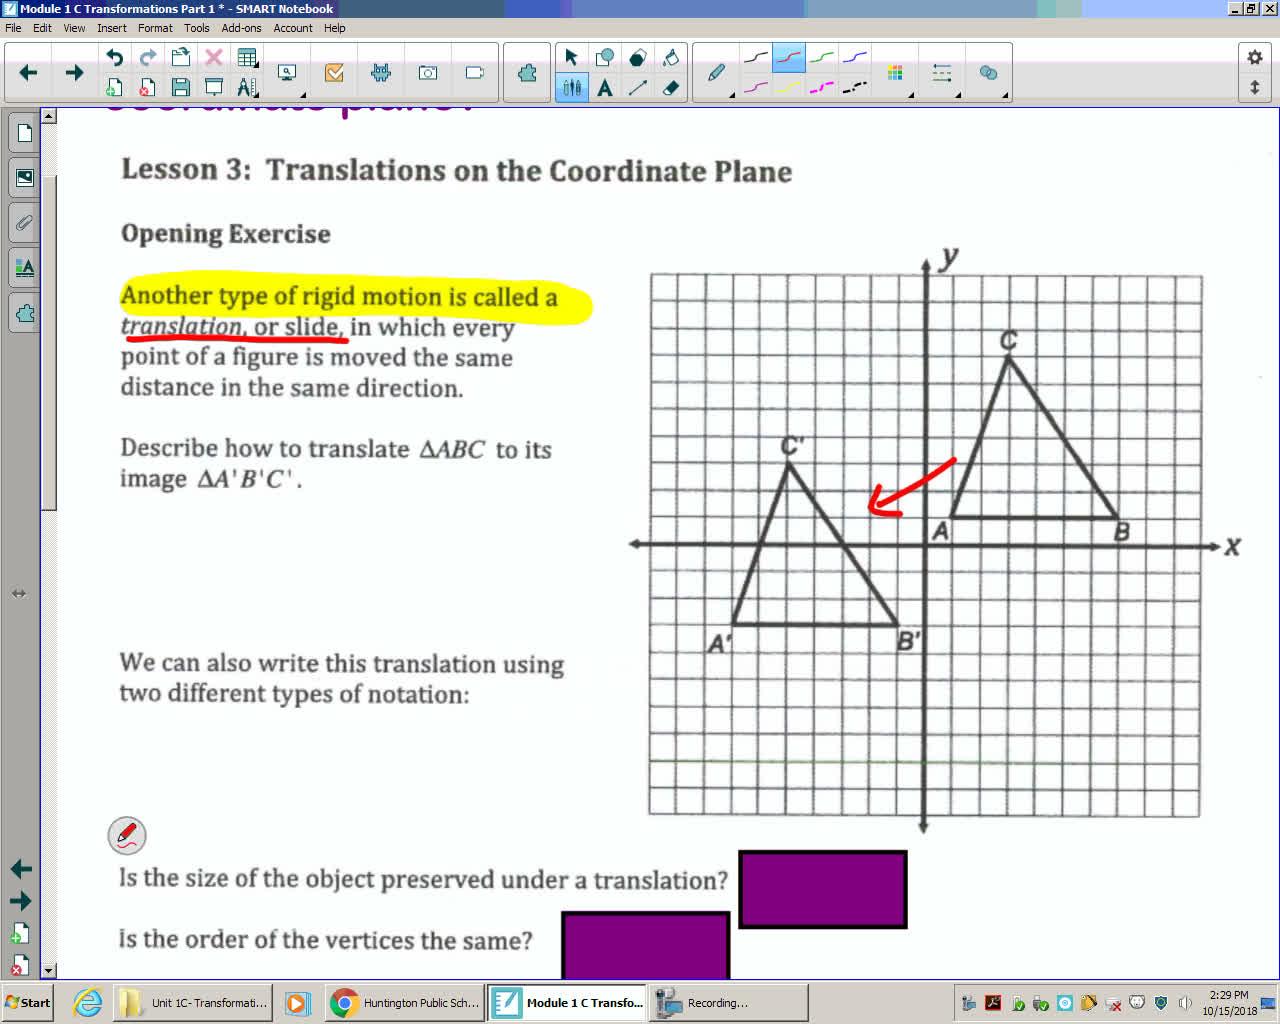 Mod 1C Lesson 3